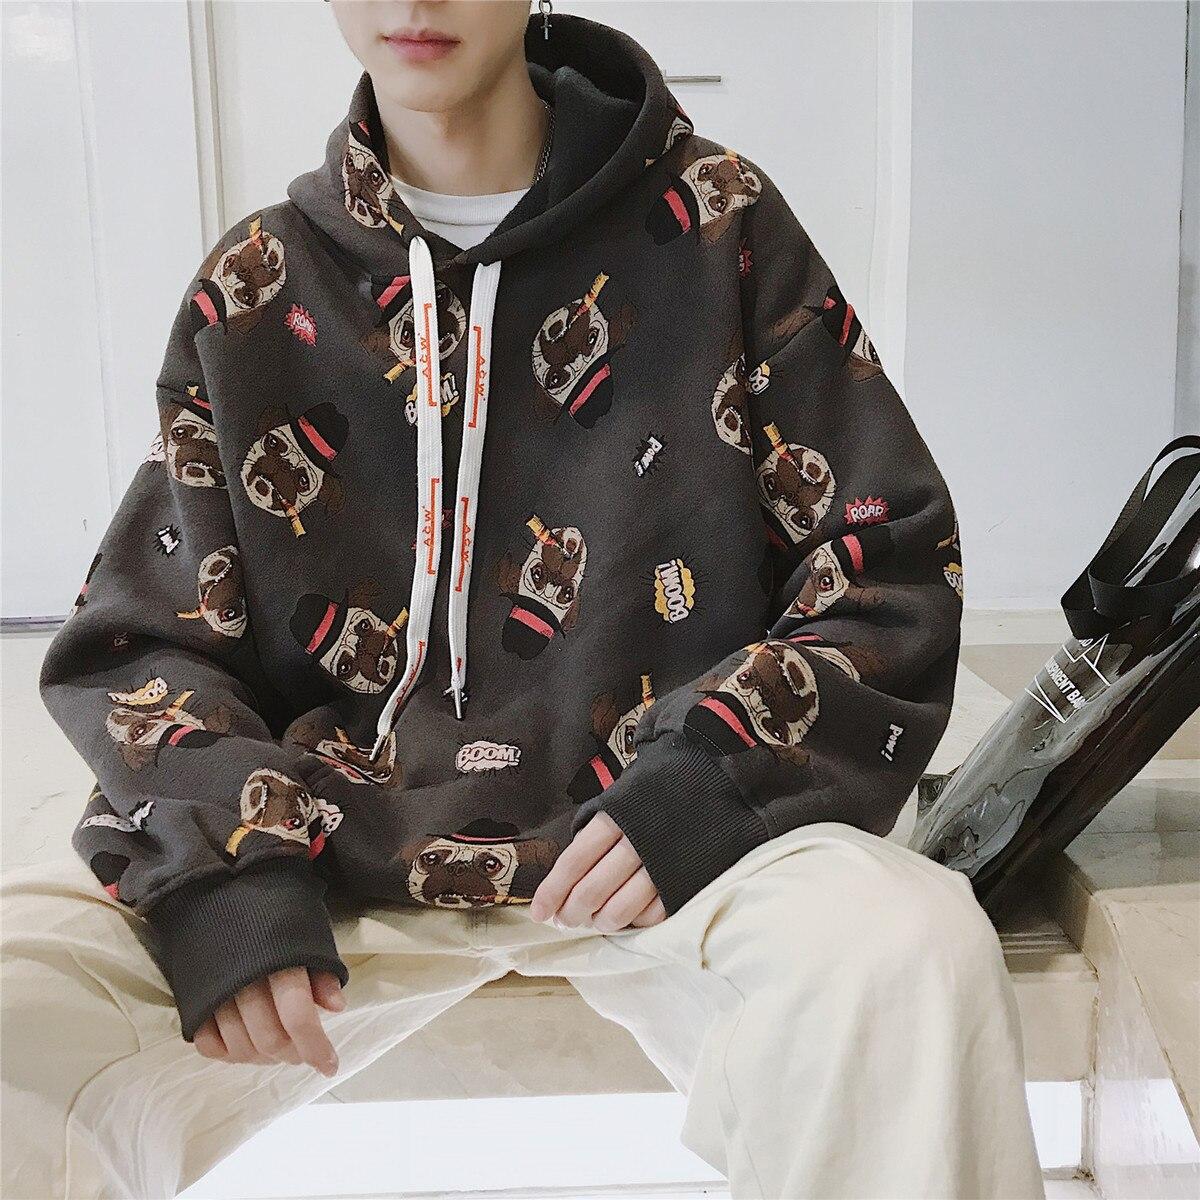 2018 hommes marque de mode vêtements pull dessin animé impression mâle sweat à capuche coton pulls décontractés blanc/gris manteaux M-XL - 5